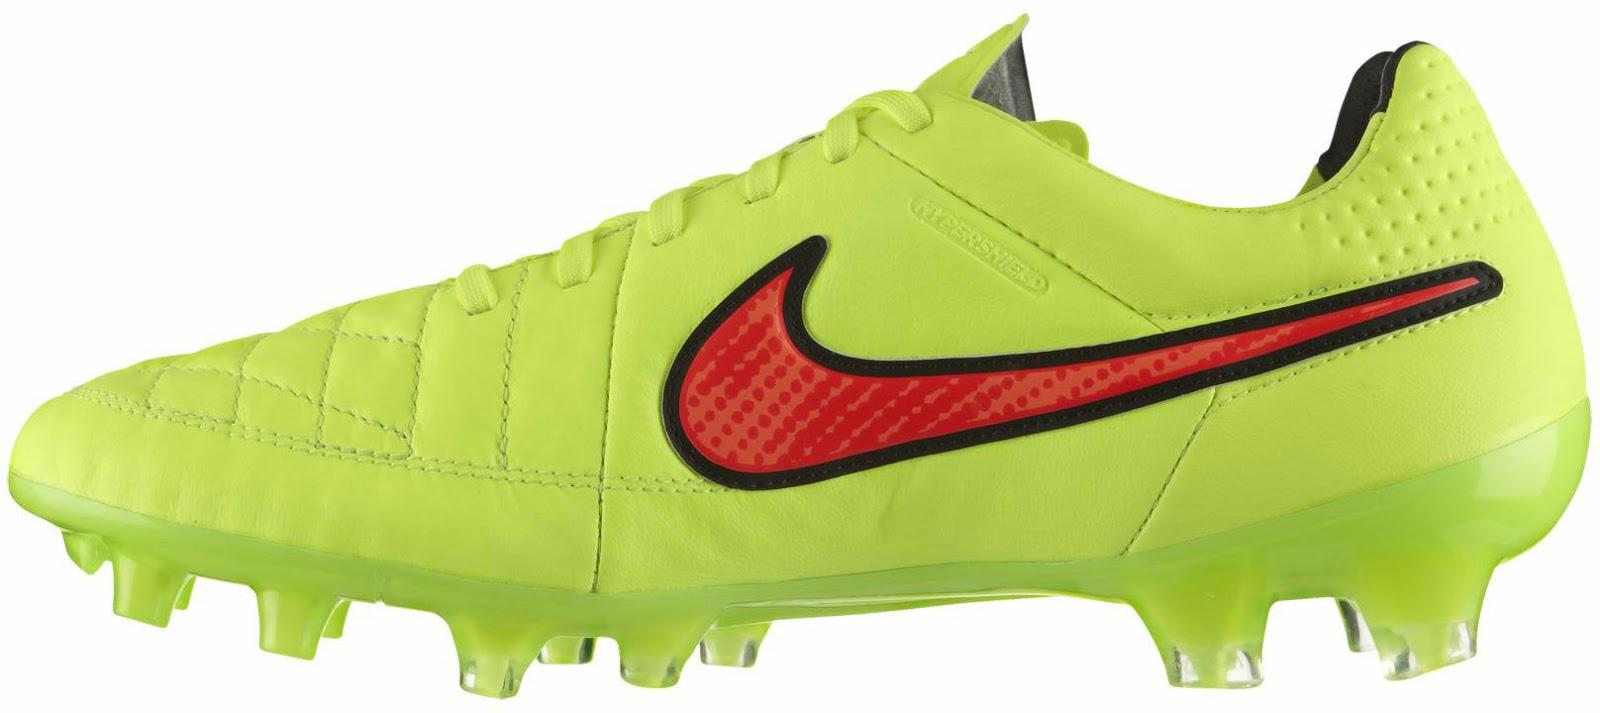 Nike Tiempo Legend V 2014 World Cup Boot ReleasedNike Tiempo 2014